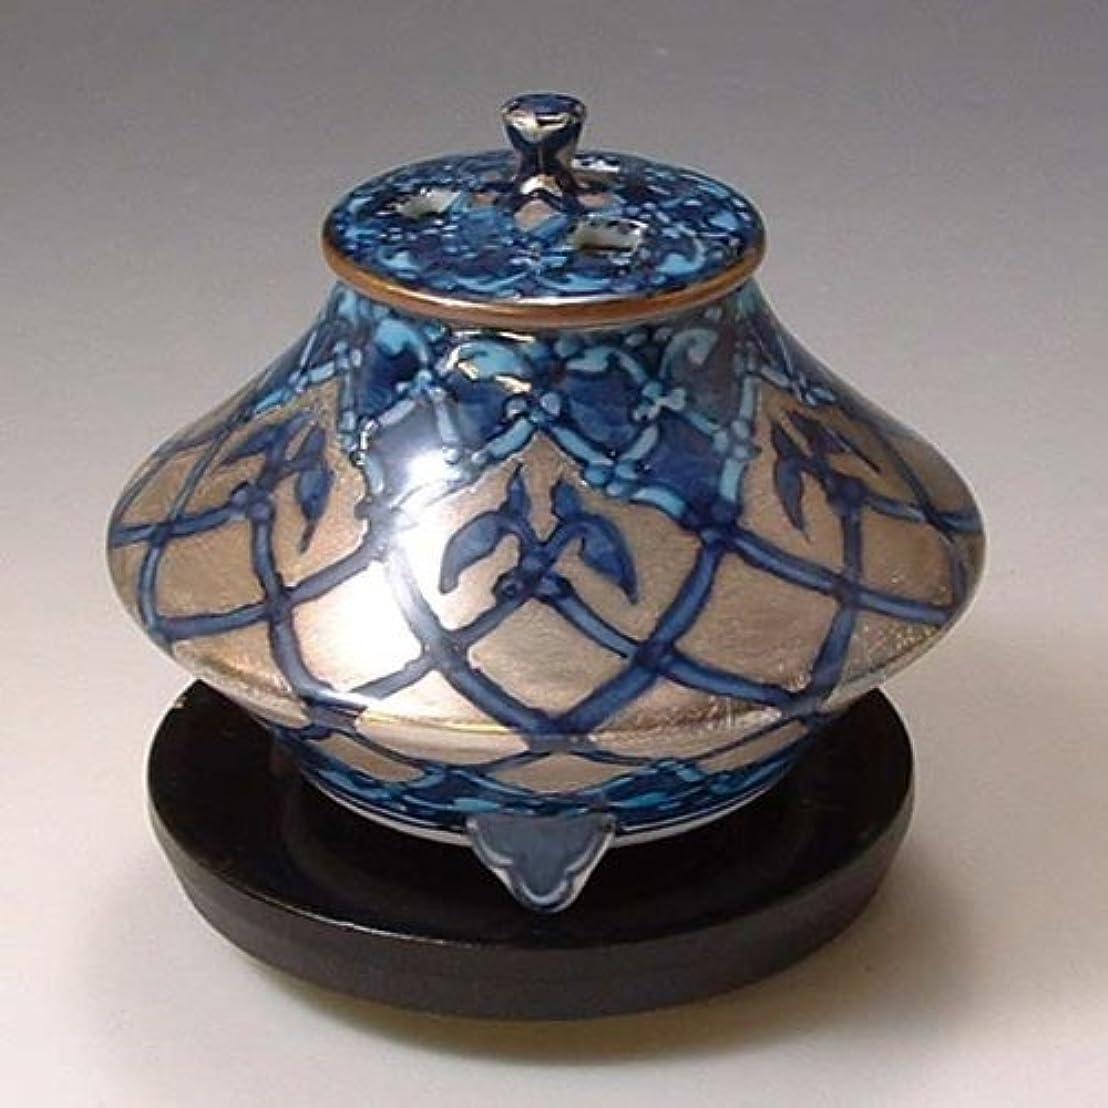 前提条件威する岩京焼 清水焼 香炉(黒台付) 銀モスク ぎんもすく YKY110